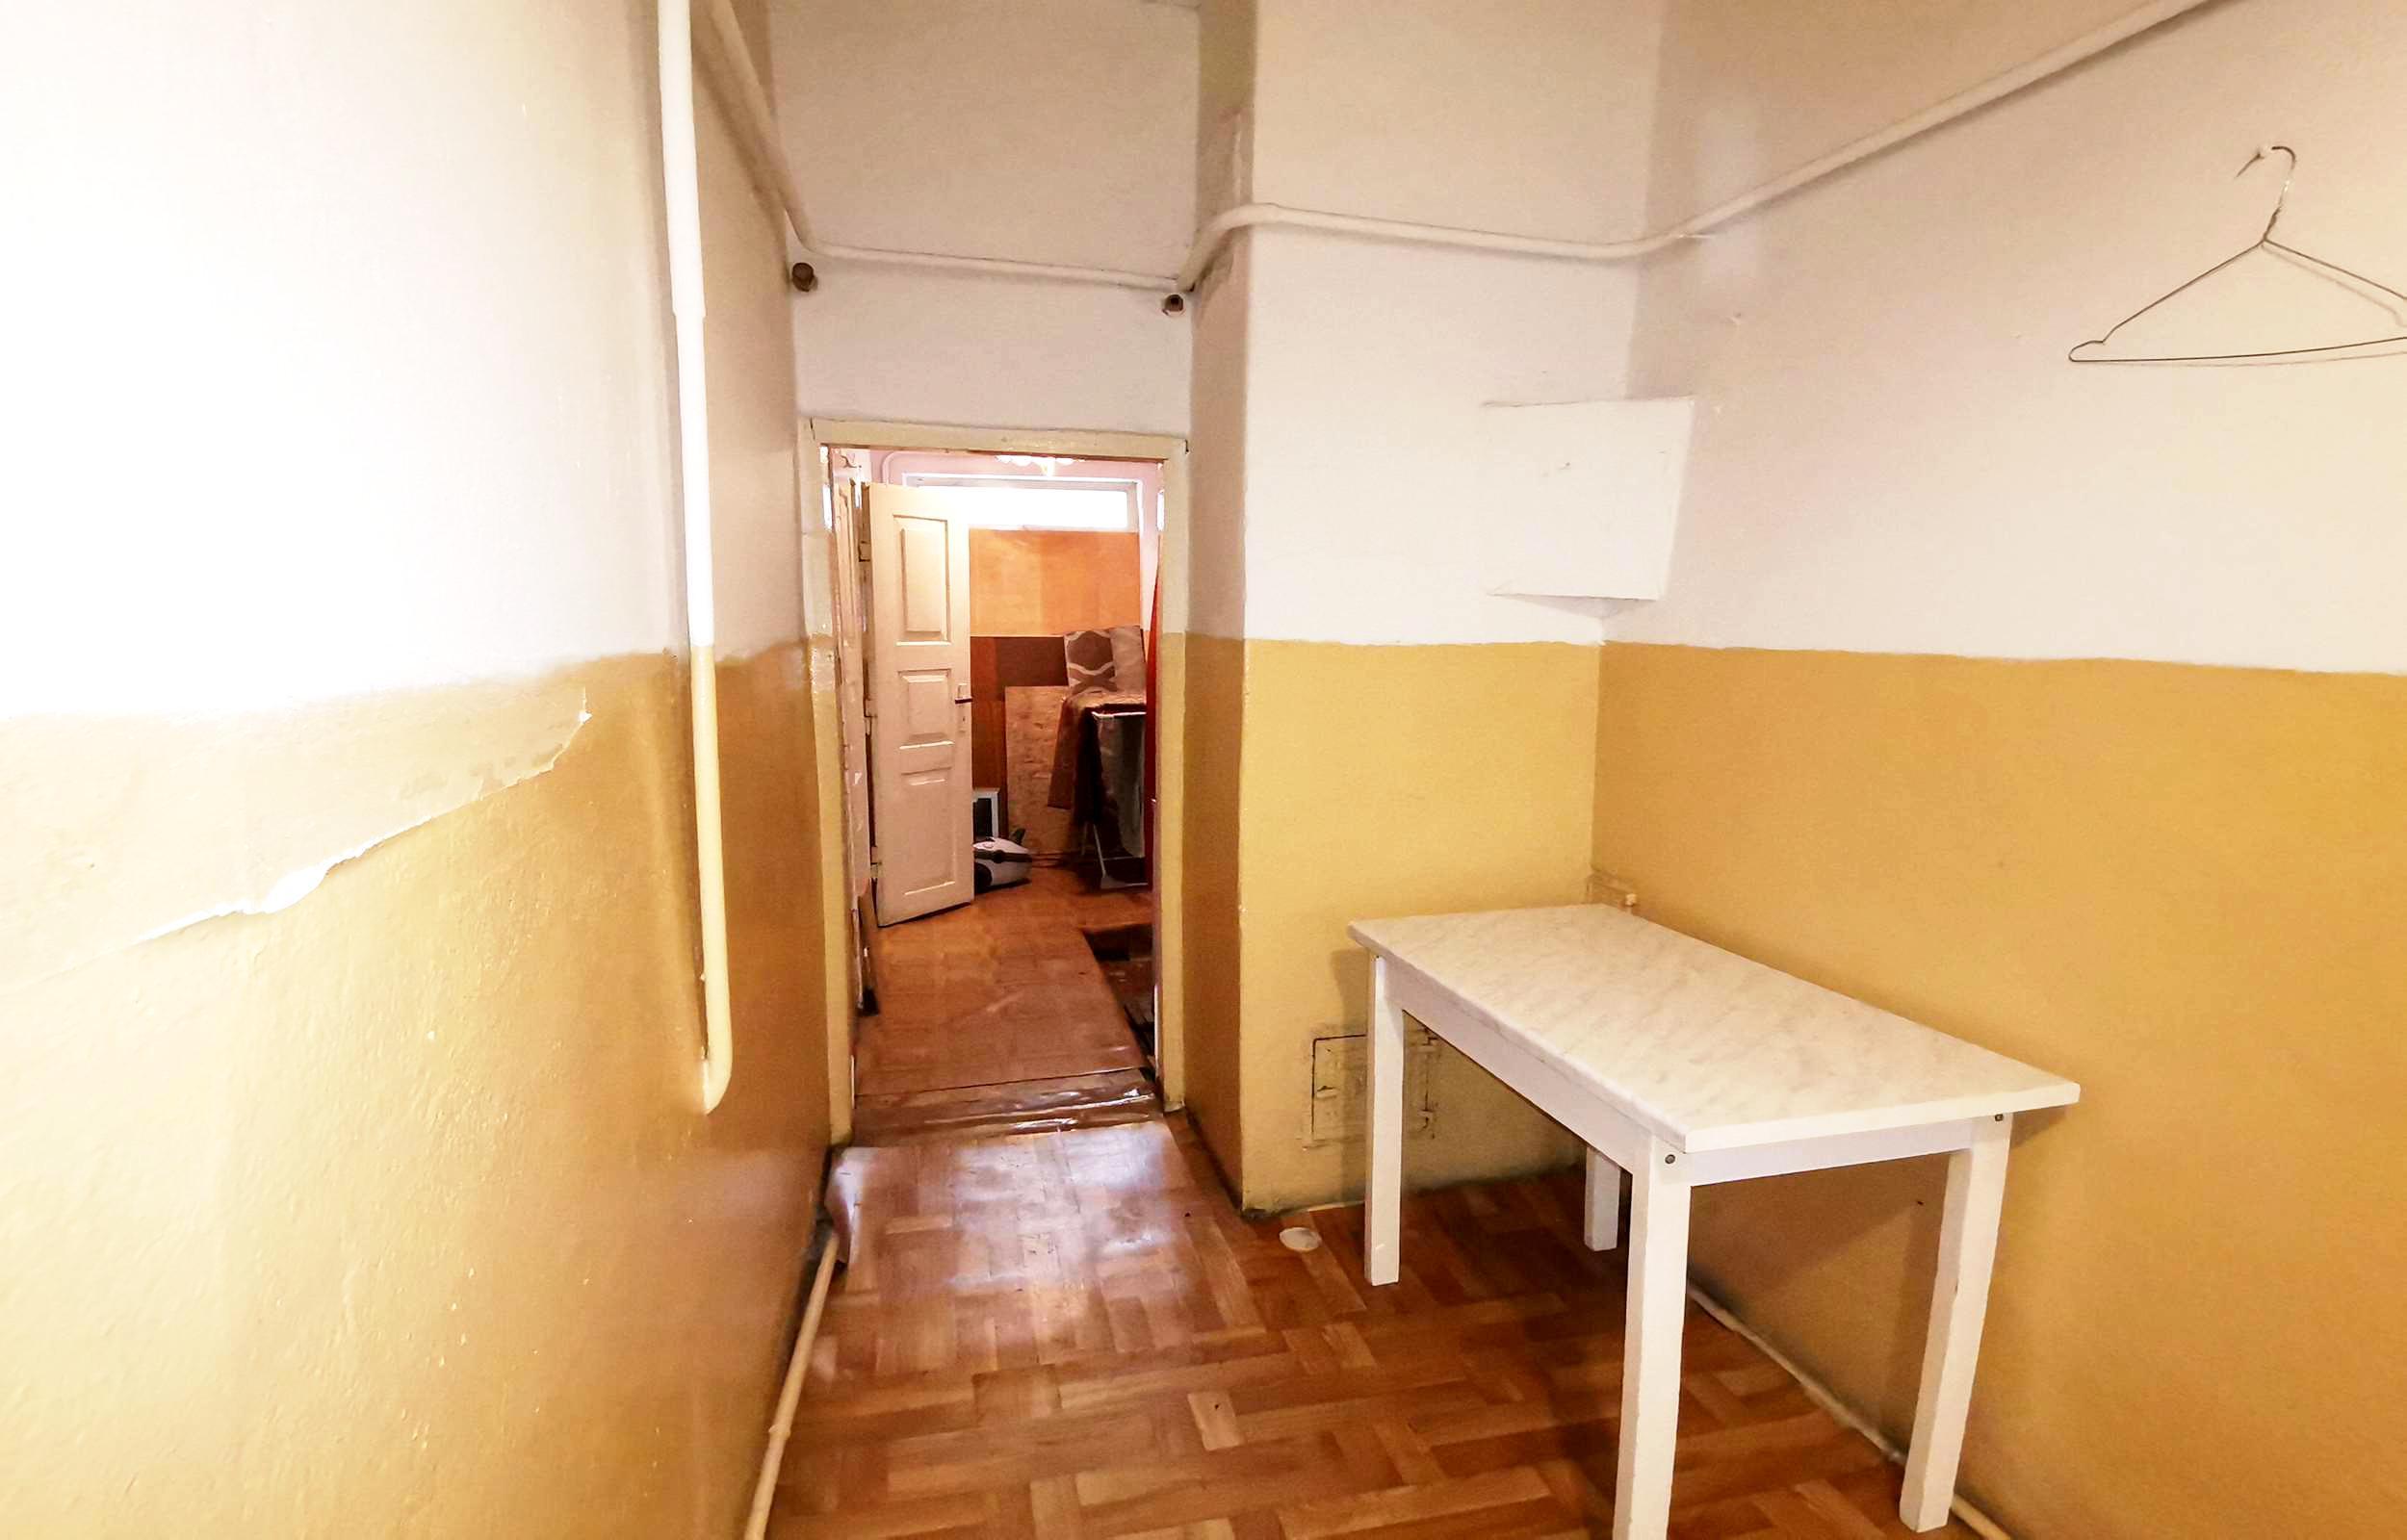 dom swidniki miaczyn - dom na sprzedaż - Krzysztof Górski Nieruchomości Zamość